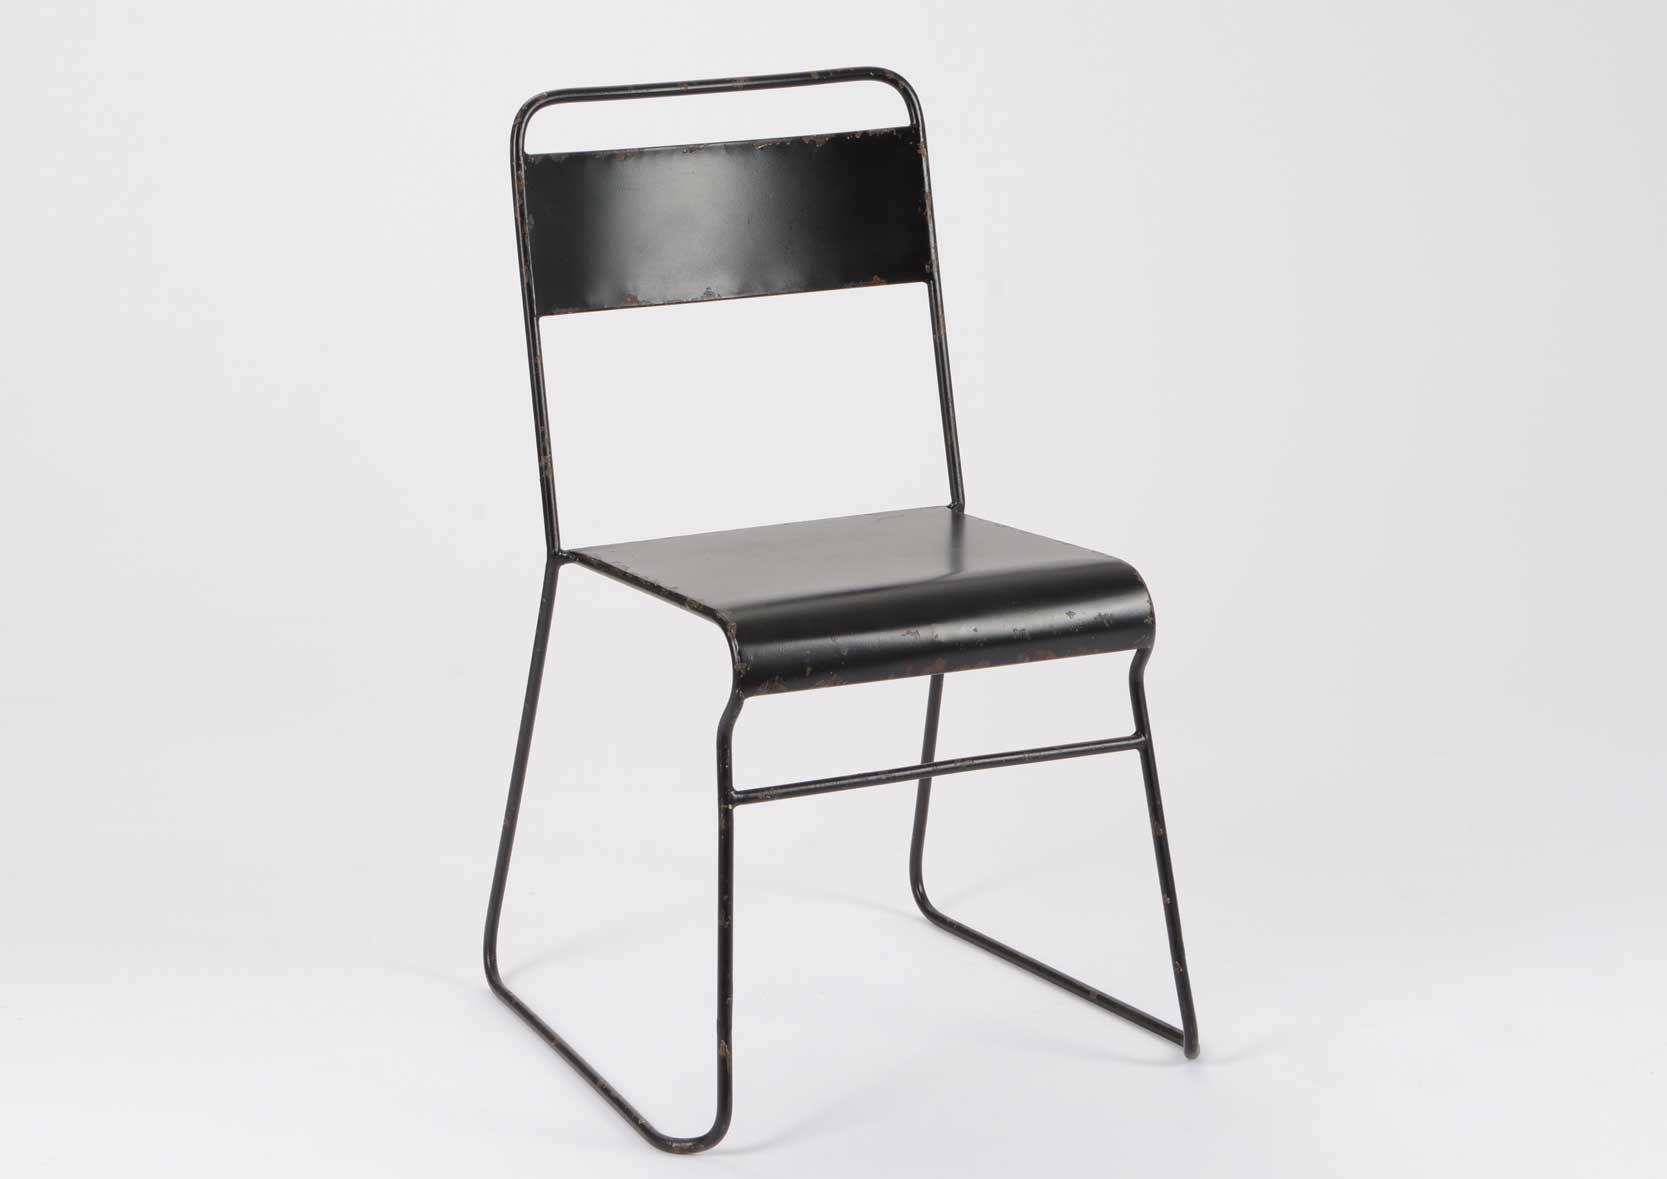 chaise noire en metal. Black Bedroom Furniture Sets. Home Design Ideas